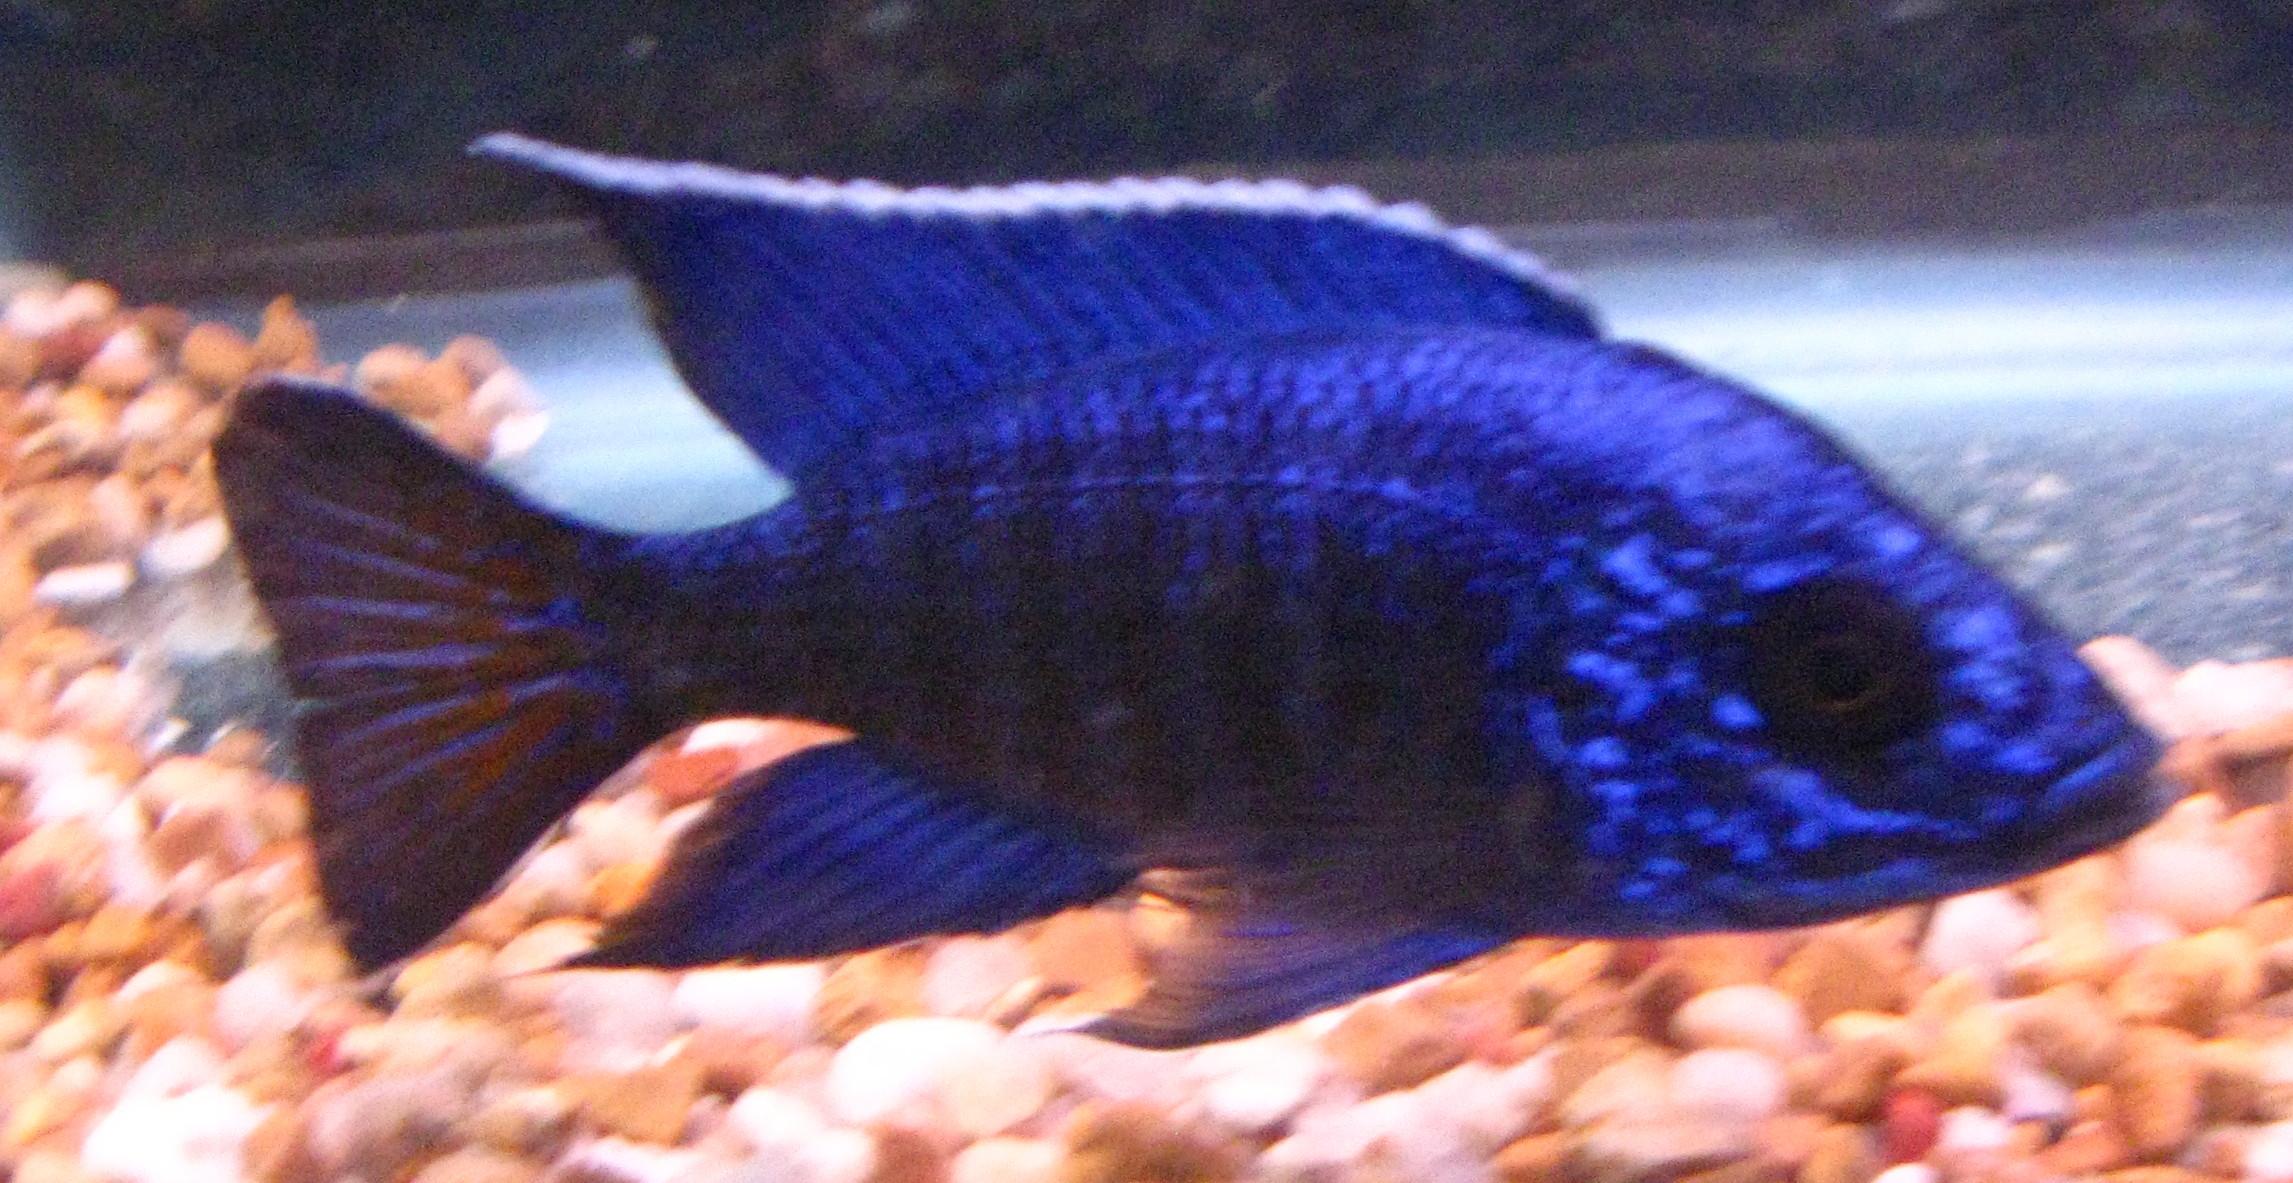 cichlids.com: Peacock --- Mbenji 'Blue Regal'